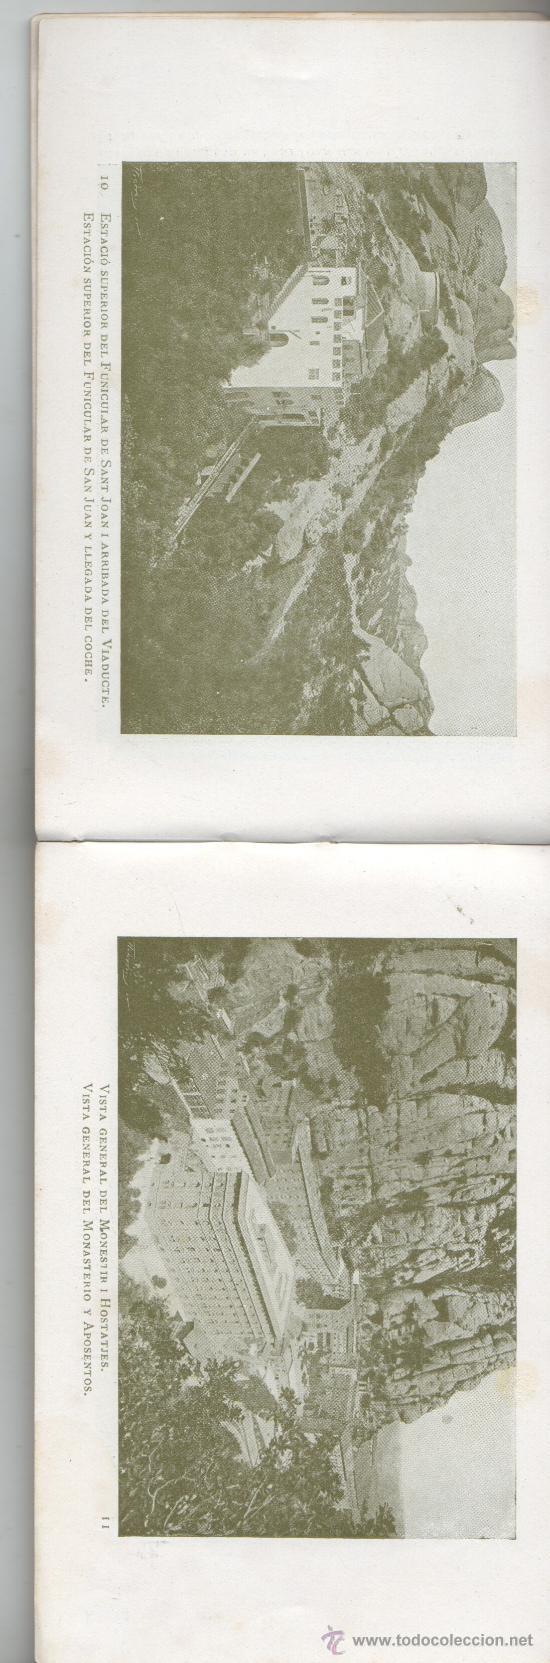 Postales: bloc de postales de montserrat de U.I.O.G.D FOTOS 80 - Foto 4 - 35855146